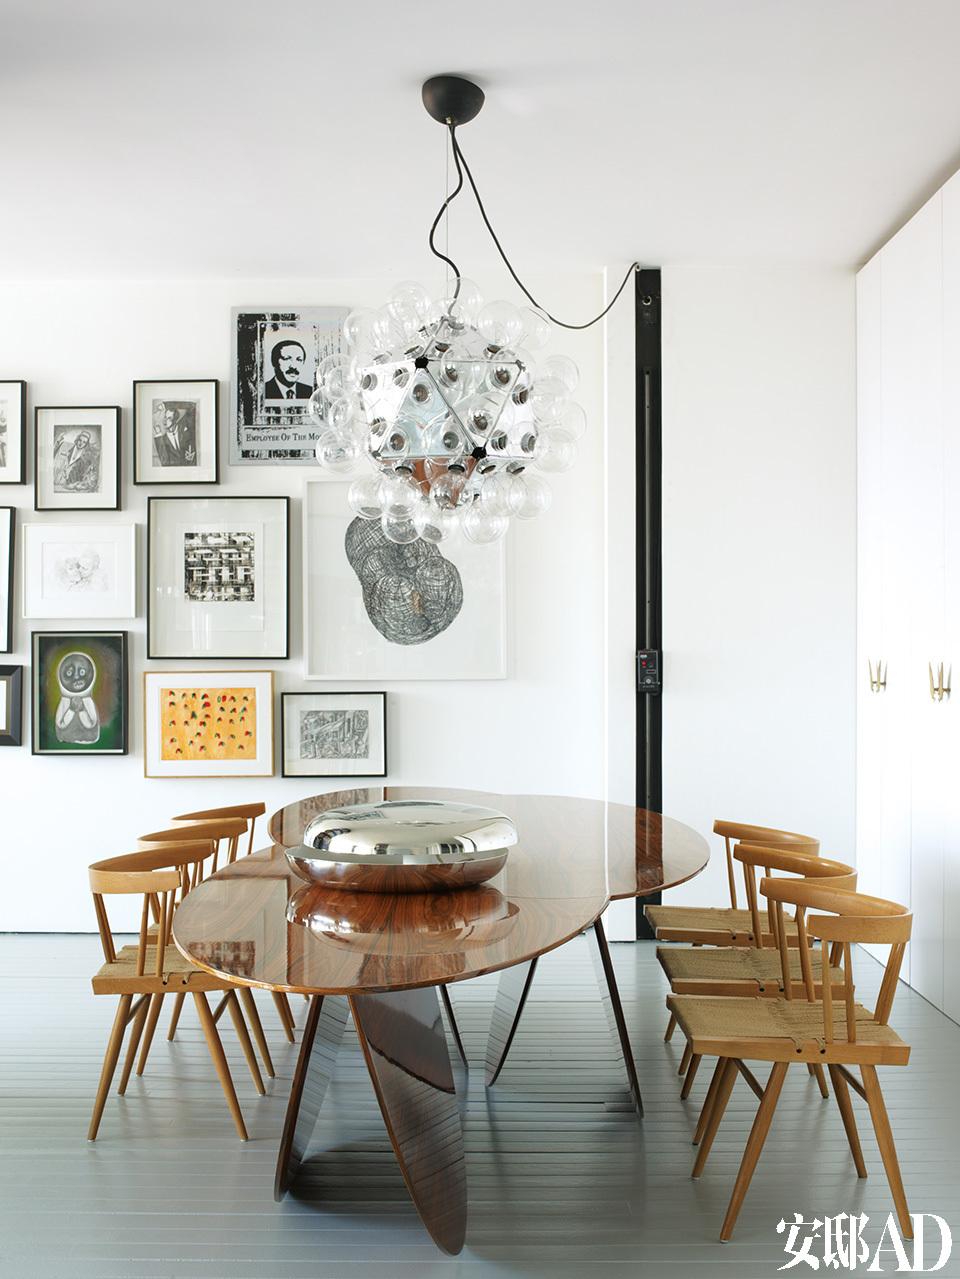 造型独特的云形餐桌,好似空间里的一件雕塑,与经典名灯、名椅搭配得相得益彰。用餐室,餐桌出自Autoban,餐椅为GeorgeNakashima,餐桌上方的天花板灯是A c h i l leCastiglioni的,橱柜把手为私人定制。